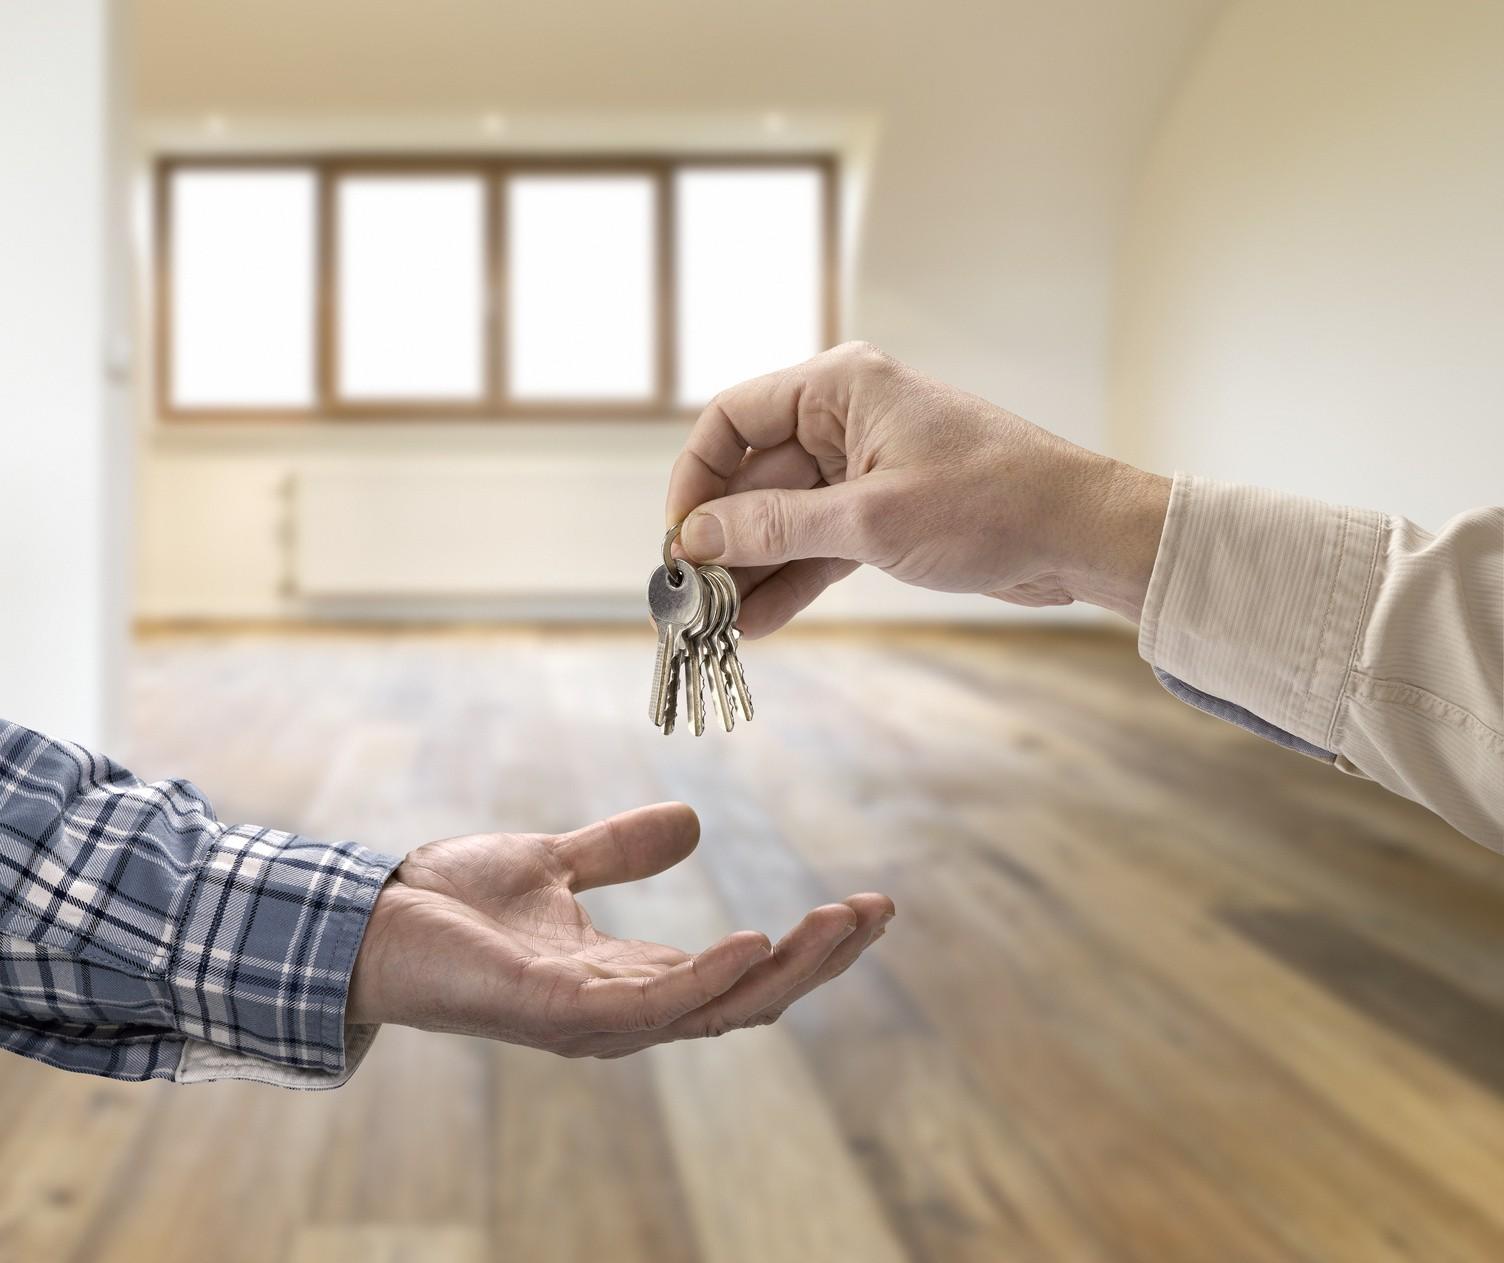 Naco zwrócić uwagę przy zakupie mieszkania wstanie deweloperskim?